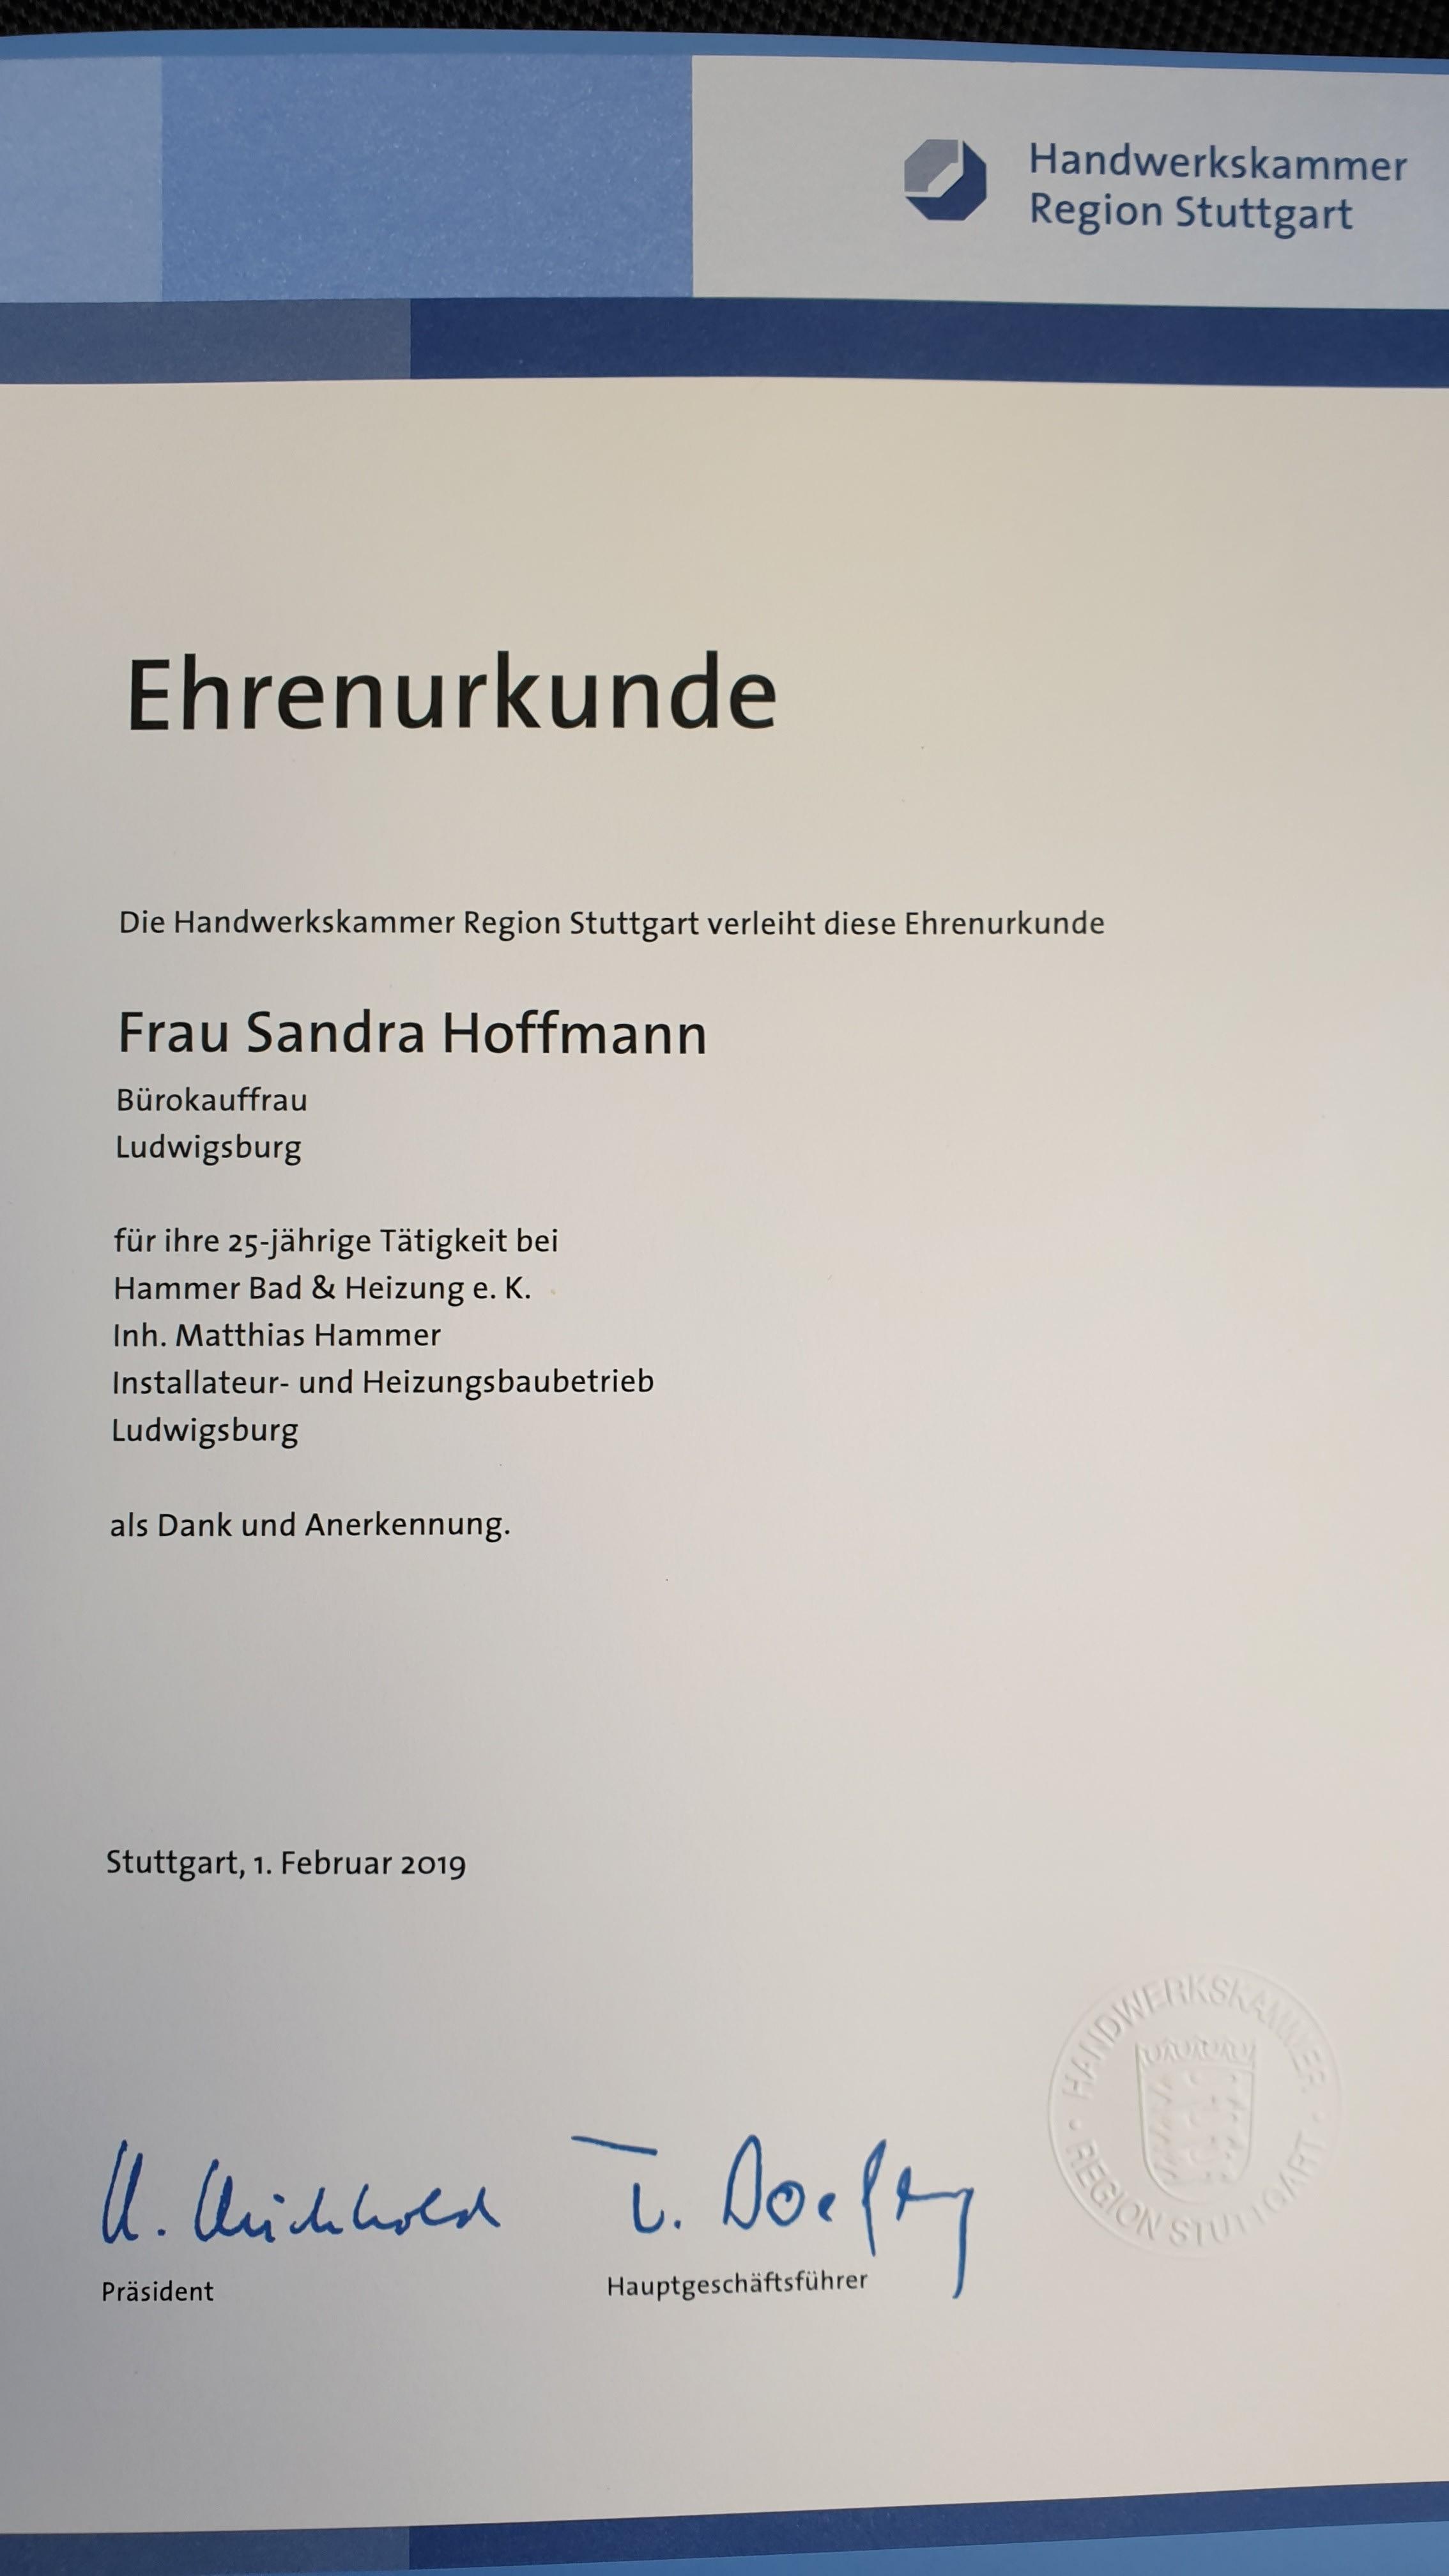 Ehrenurkunde Sandra Hoffmann Handwerkskammer